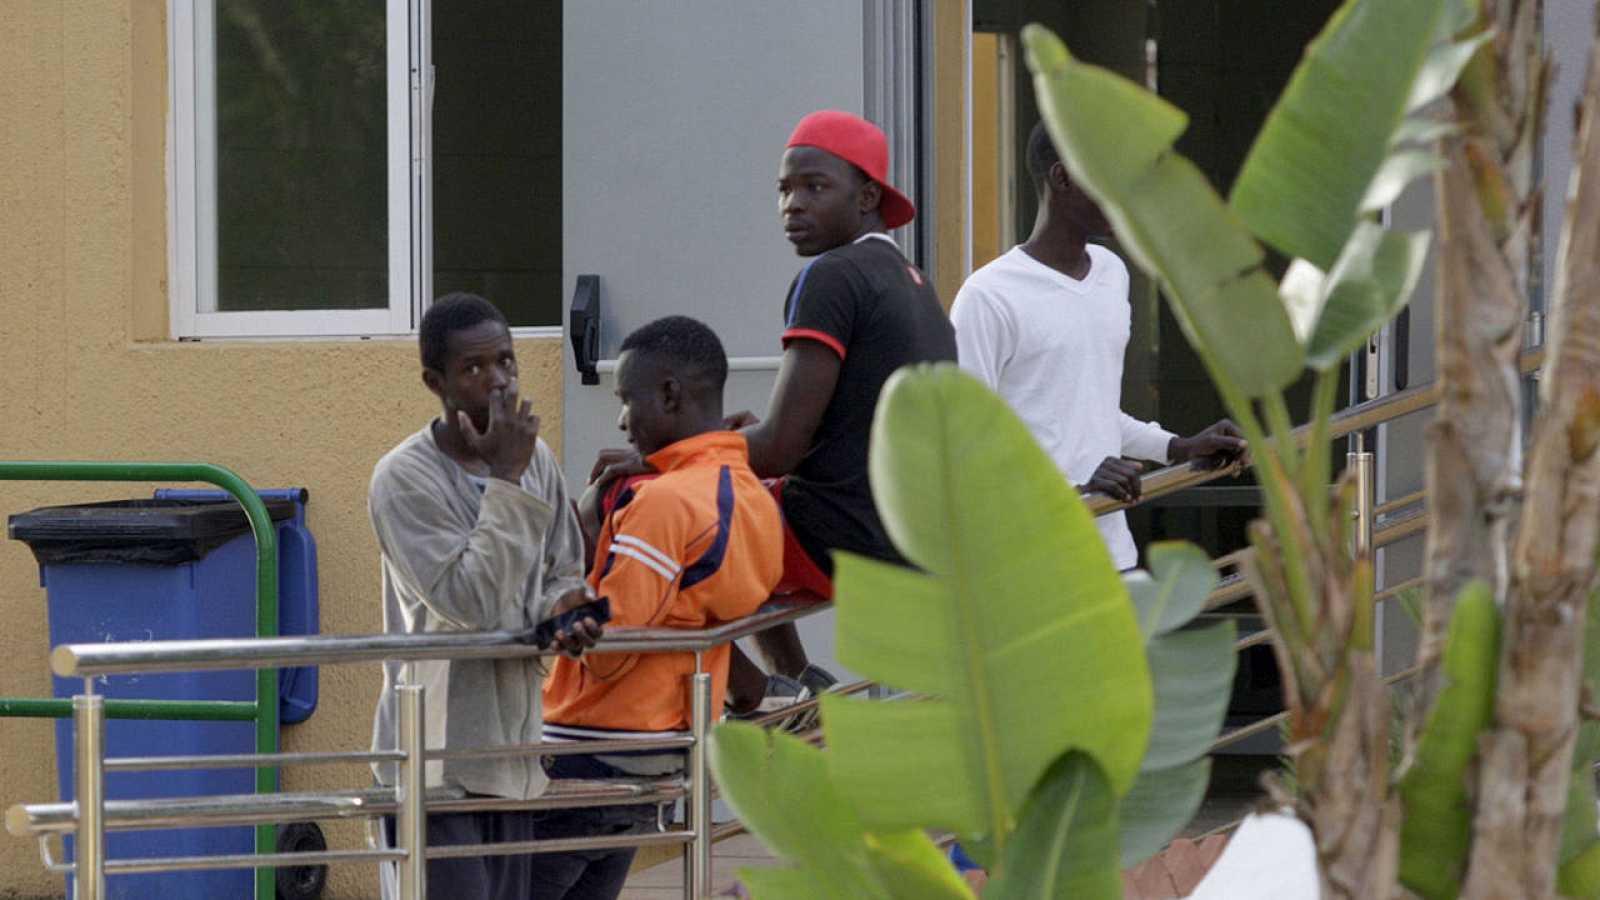 Decenas de inmigrantes llega al CETI de Melilla tras saltar la valla